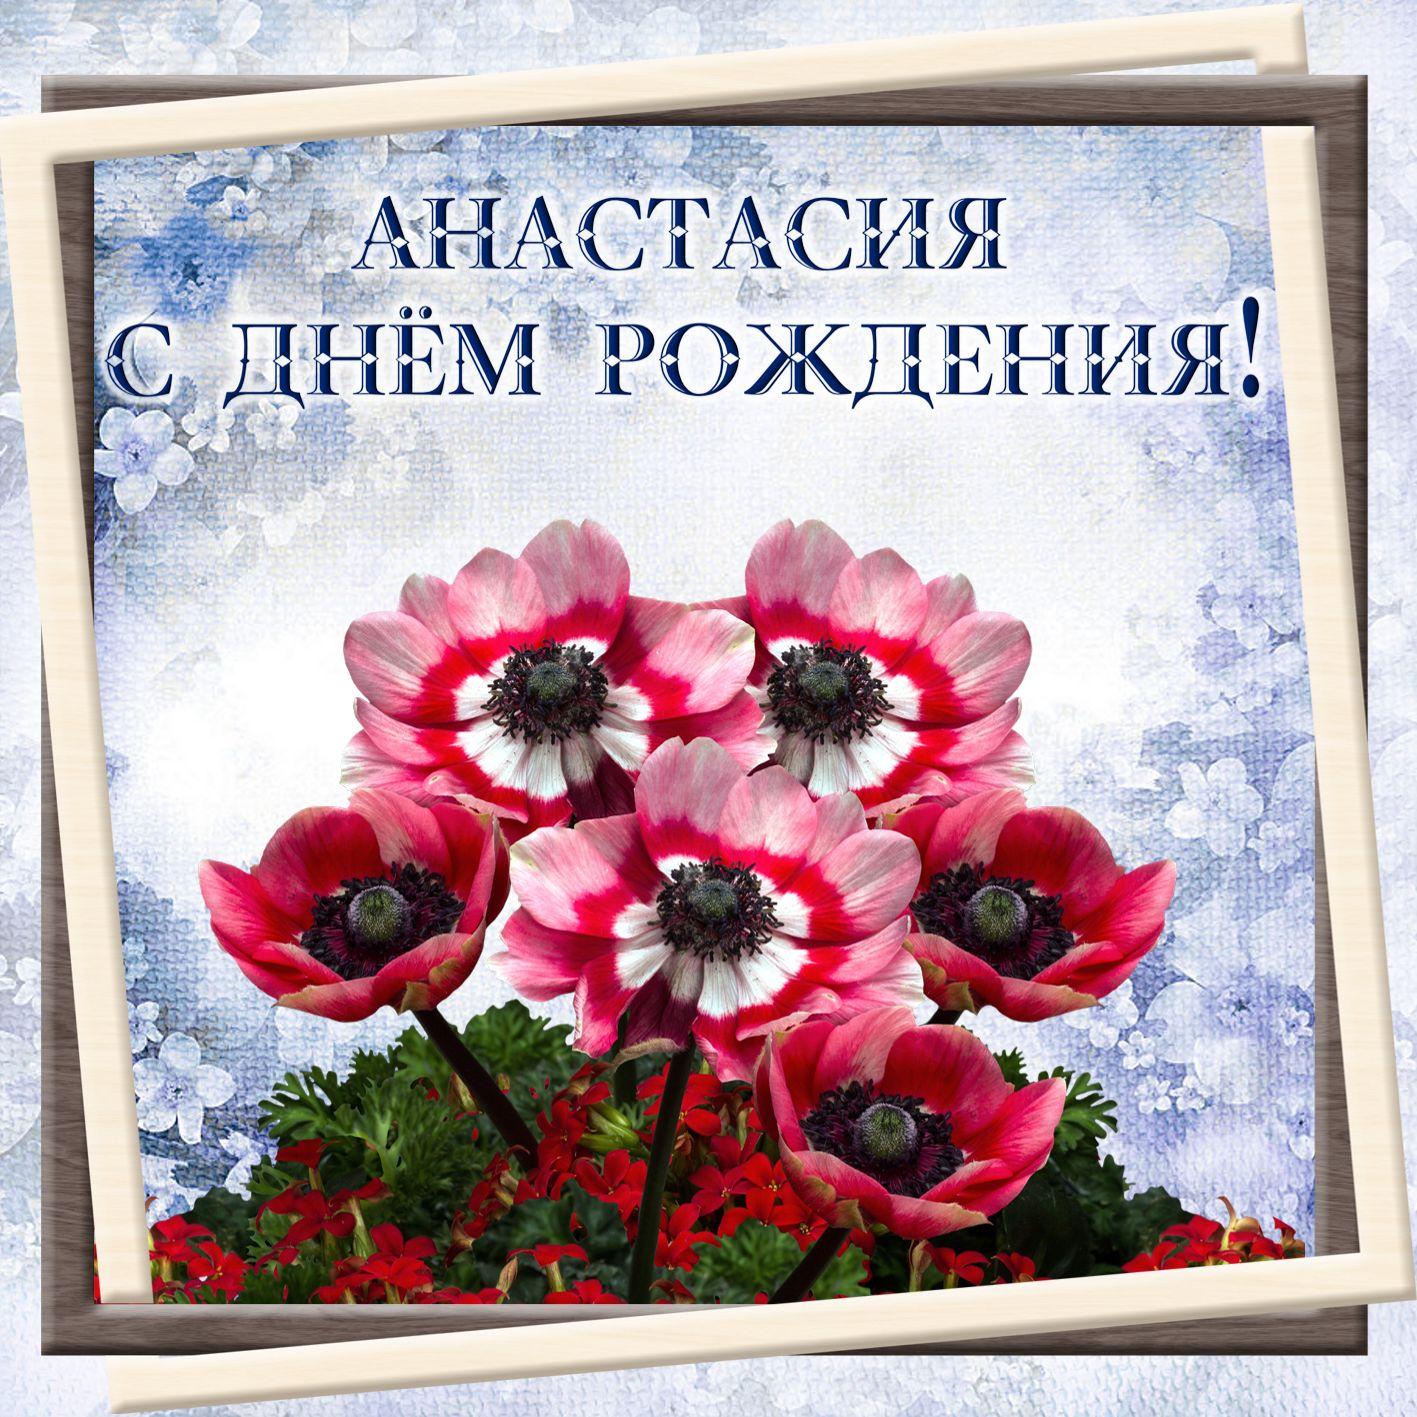 Картинка на ДР с цветами для Анастасии